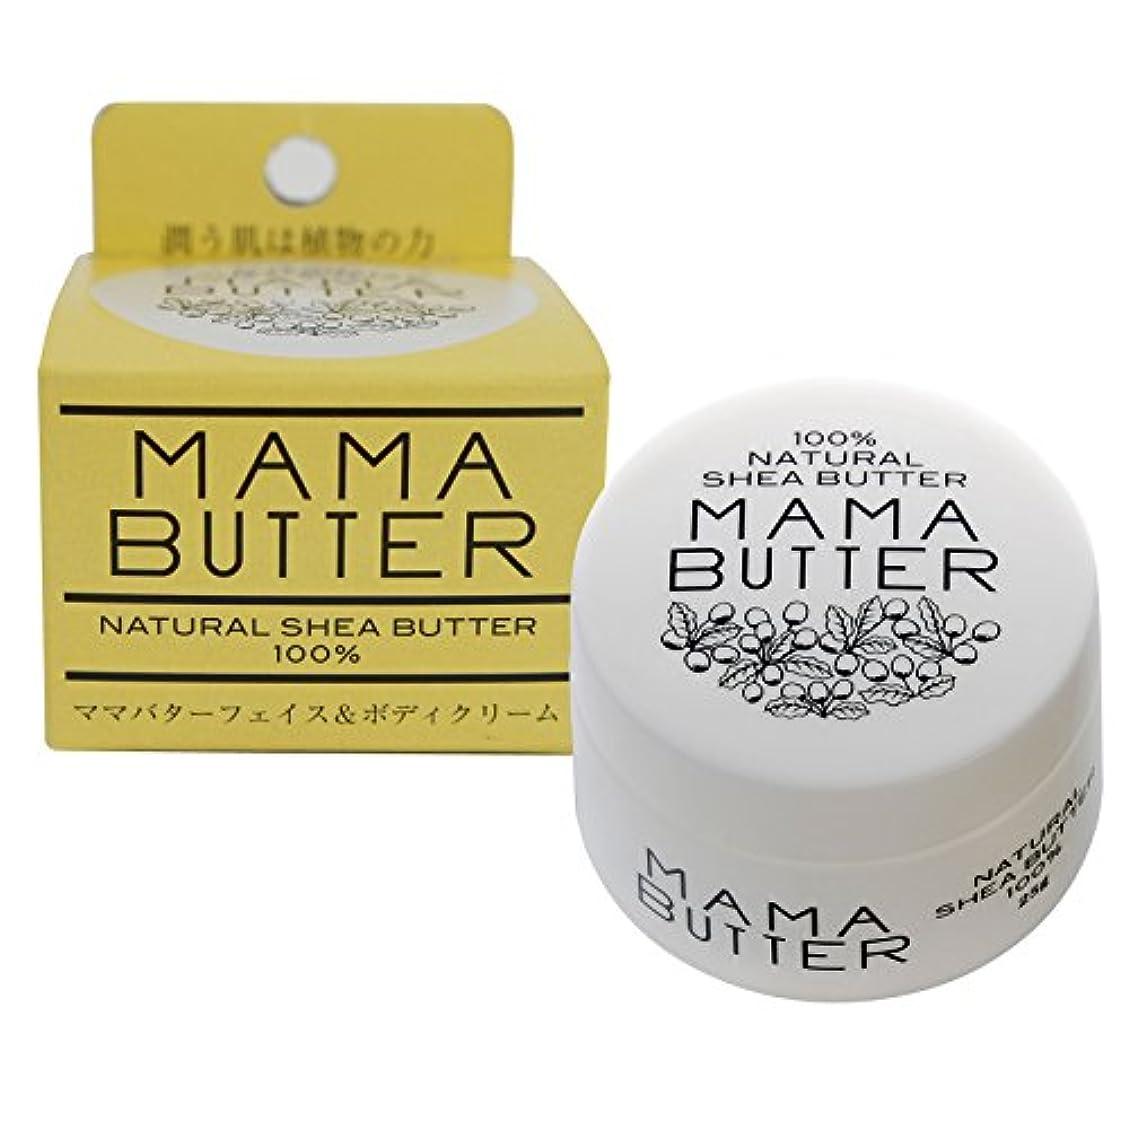 気を散らすシュガー上流のママバター ナチュラル シアバター フェイス&ボディクリーム 25g